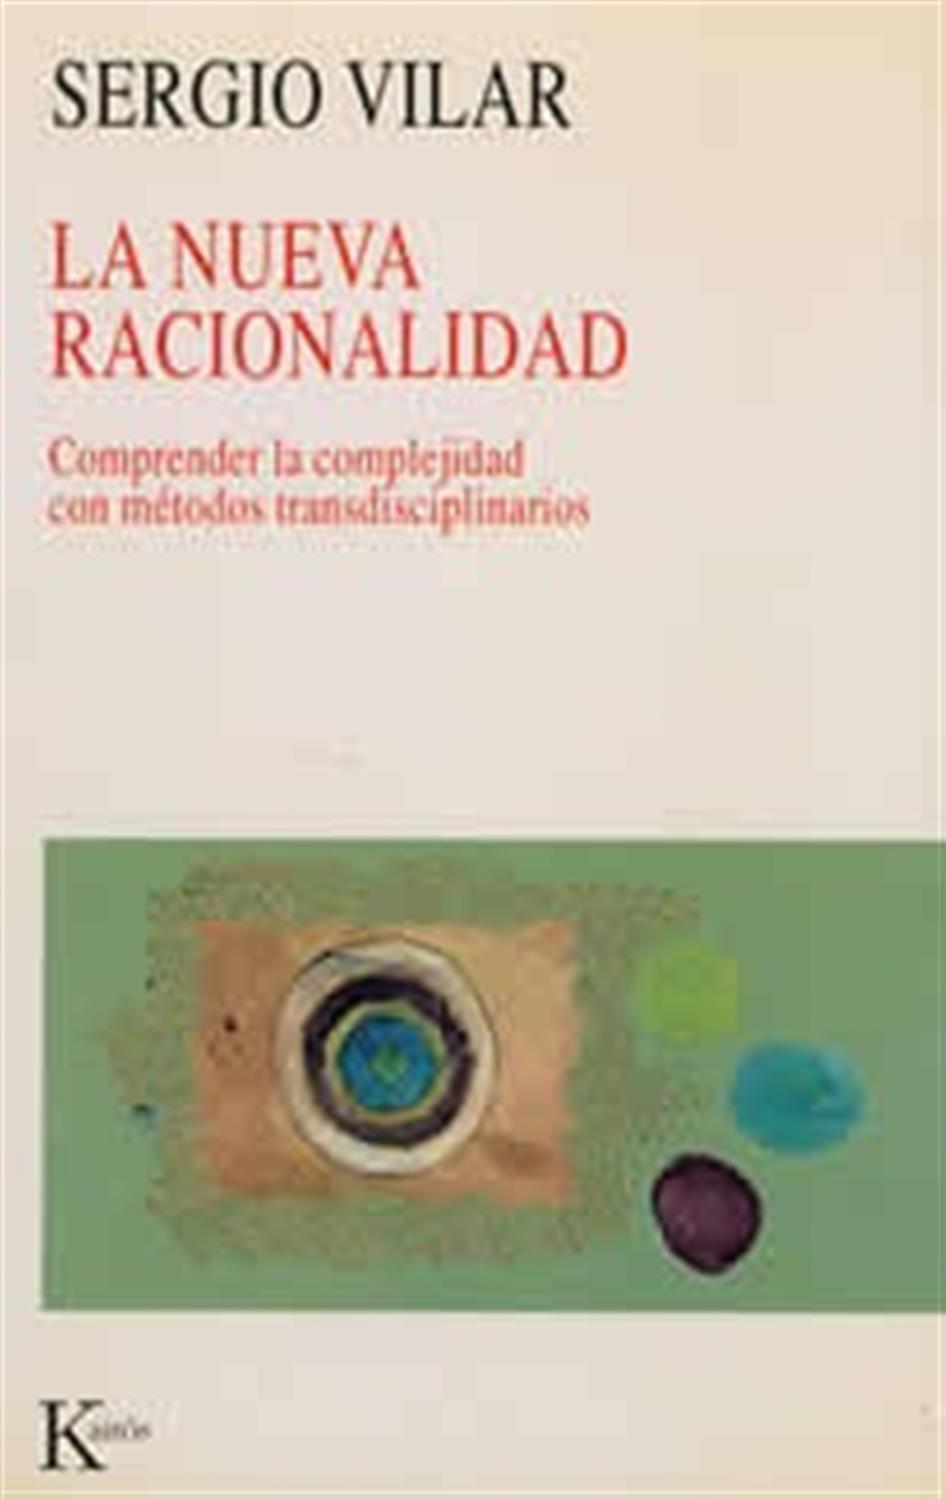 La nueva racionalidad- Comprender la complejidad con métodos transdisciplinarios